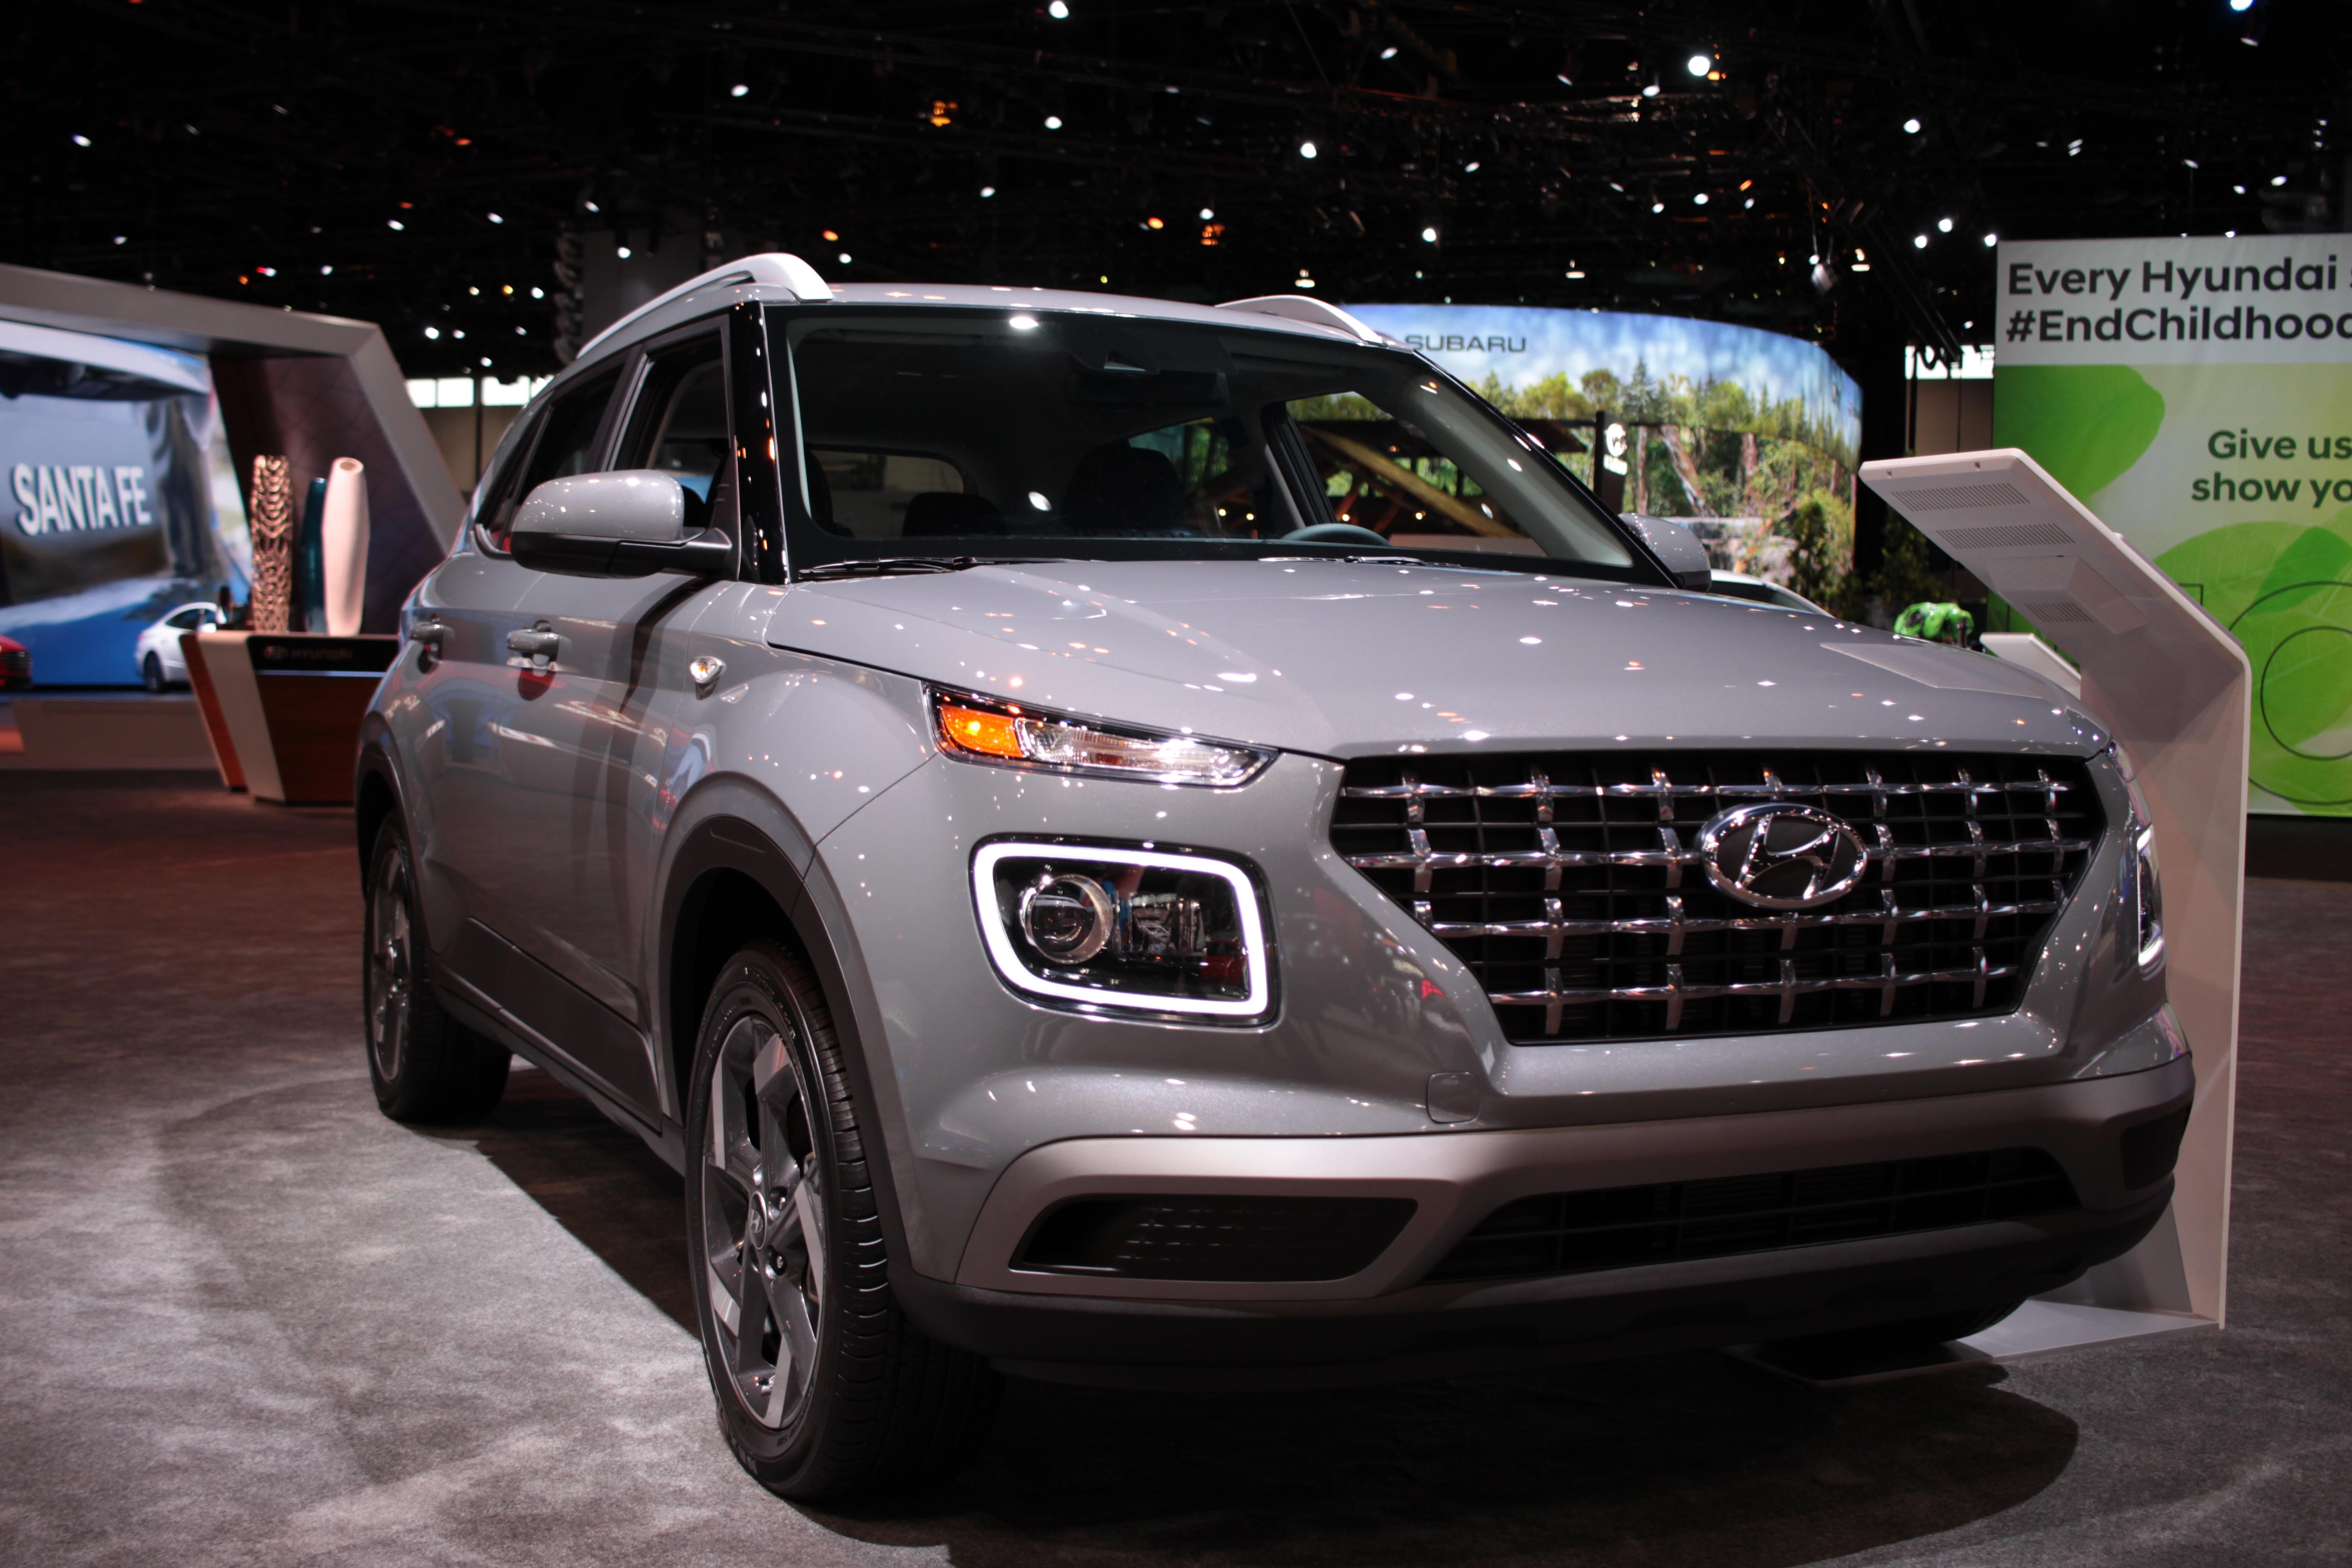 2020 Hyundai Venue at 2020 Chicago Auto Show2020 Hyundai Venue at 2020 Chicago Auto Show